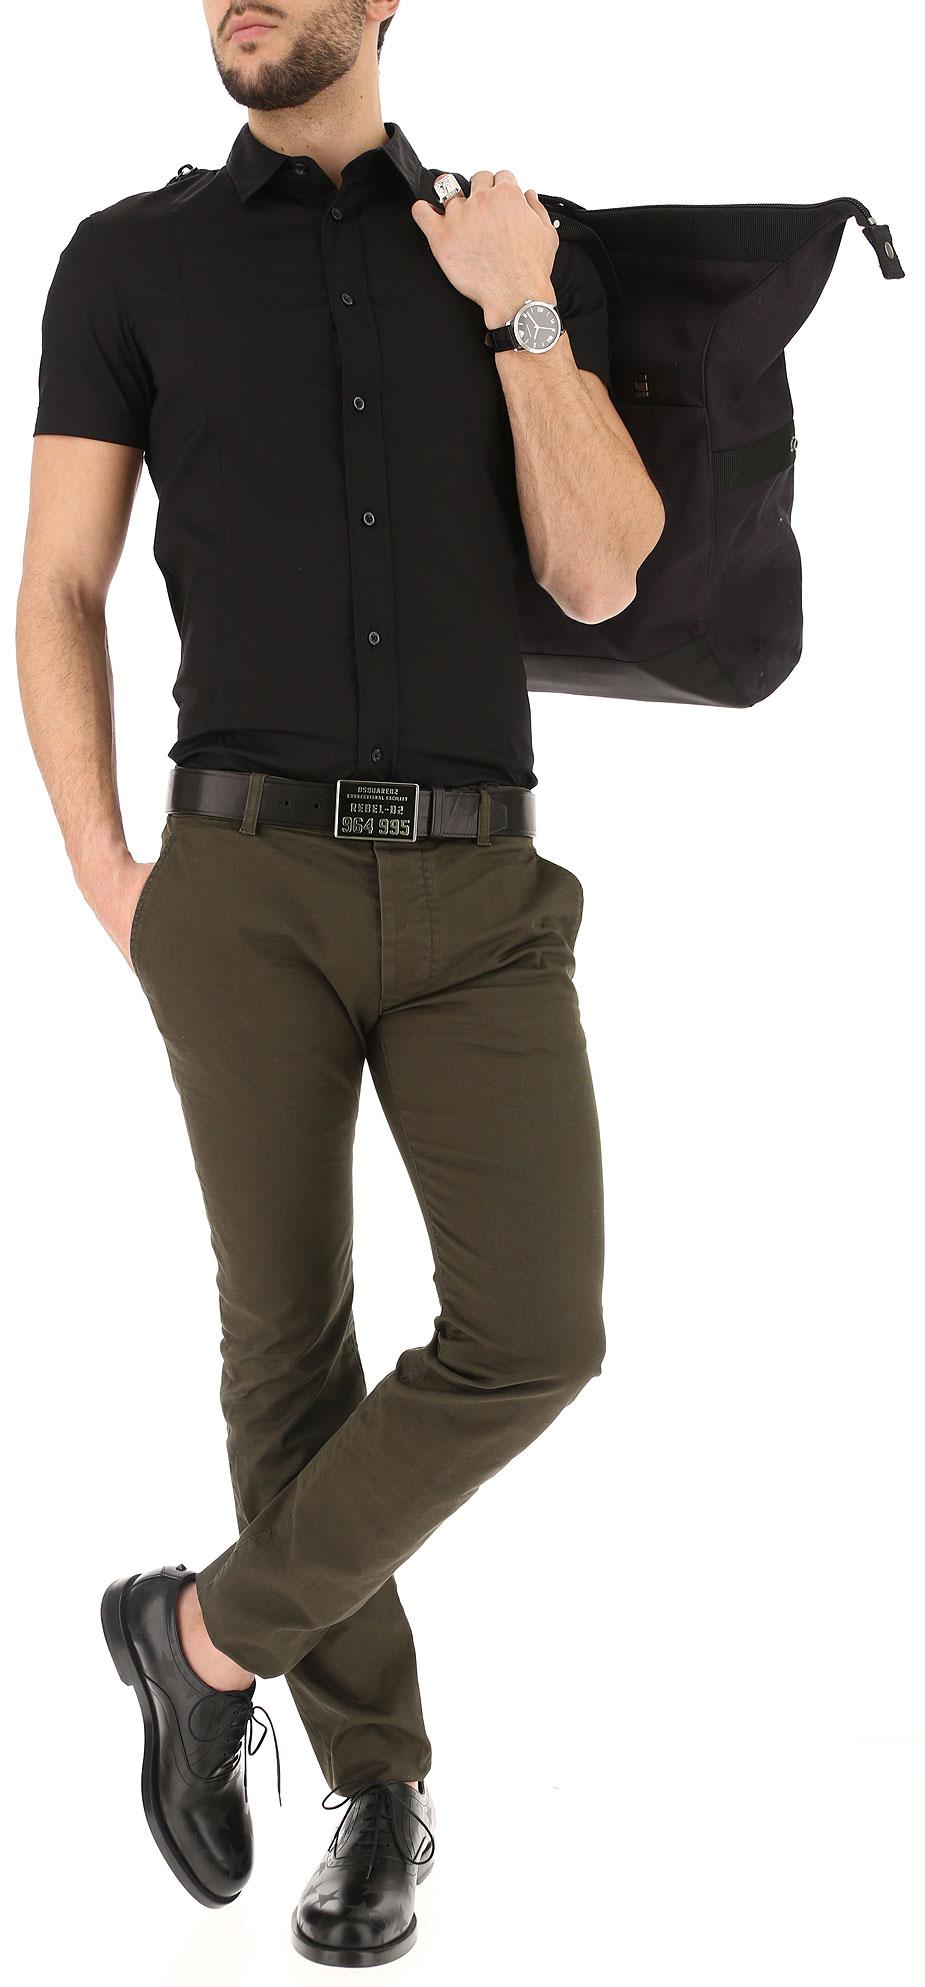 Abbigliamento Uomo Emporio Armani, Codice Articolo: 06c55-12-black